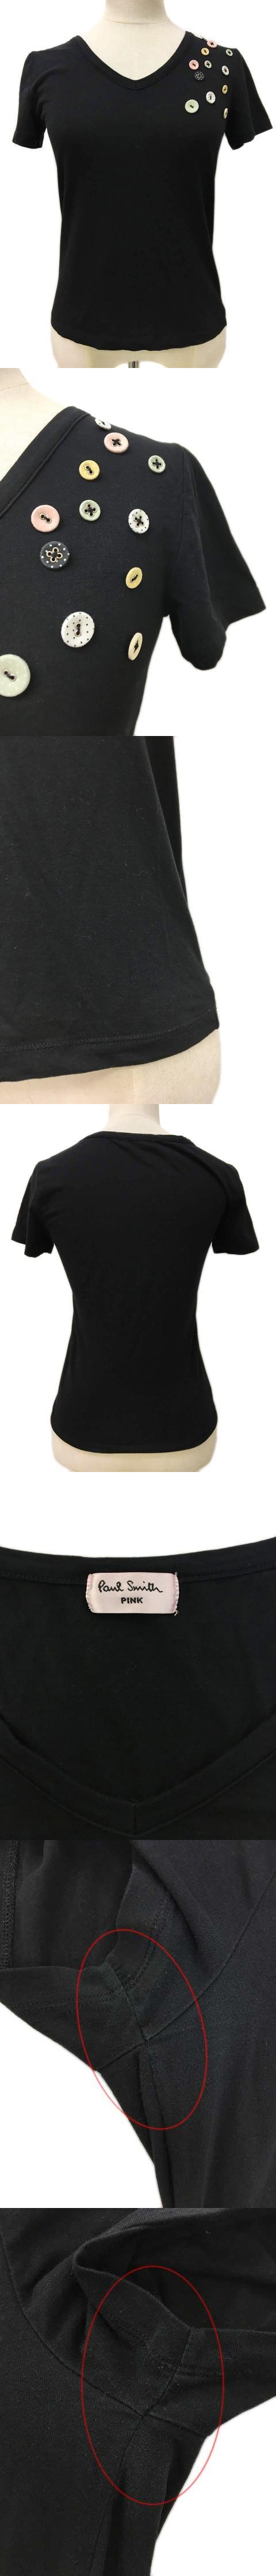 Tシャツ プルオーバー Vネック ボタン 半袖 M 黒 ブラック